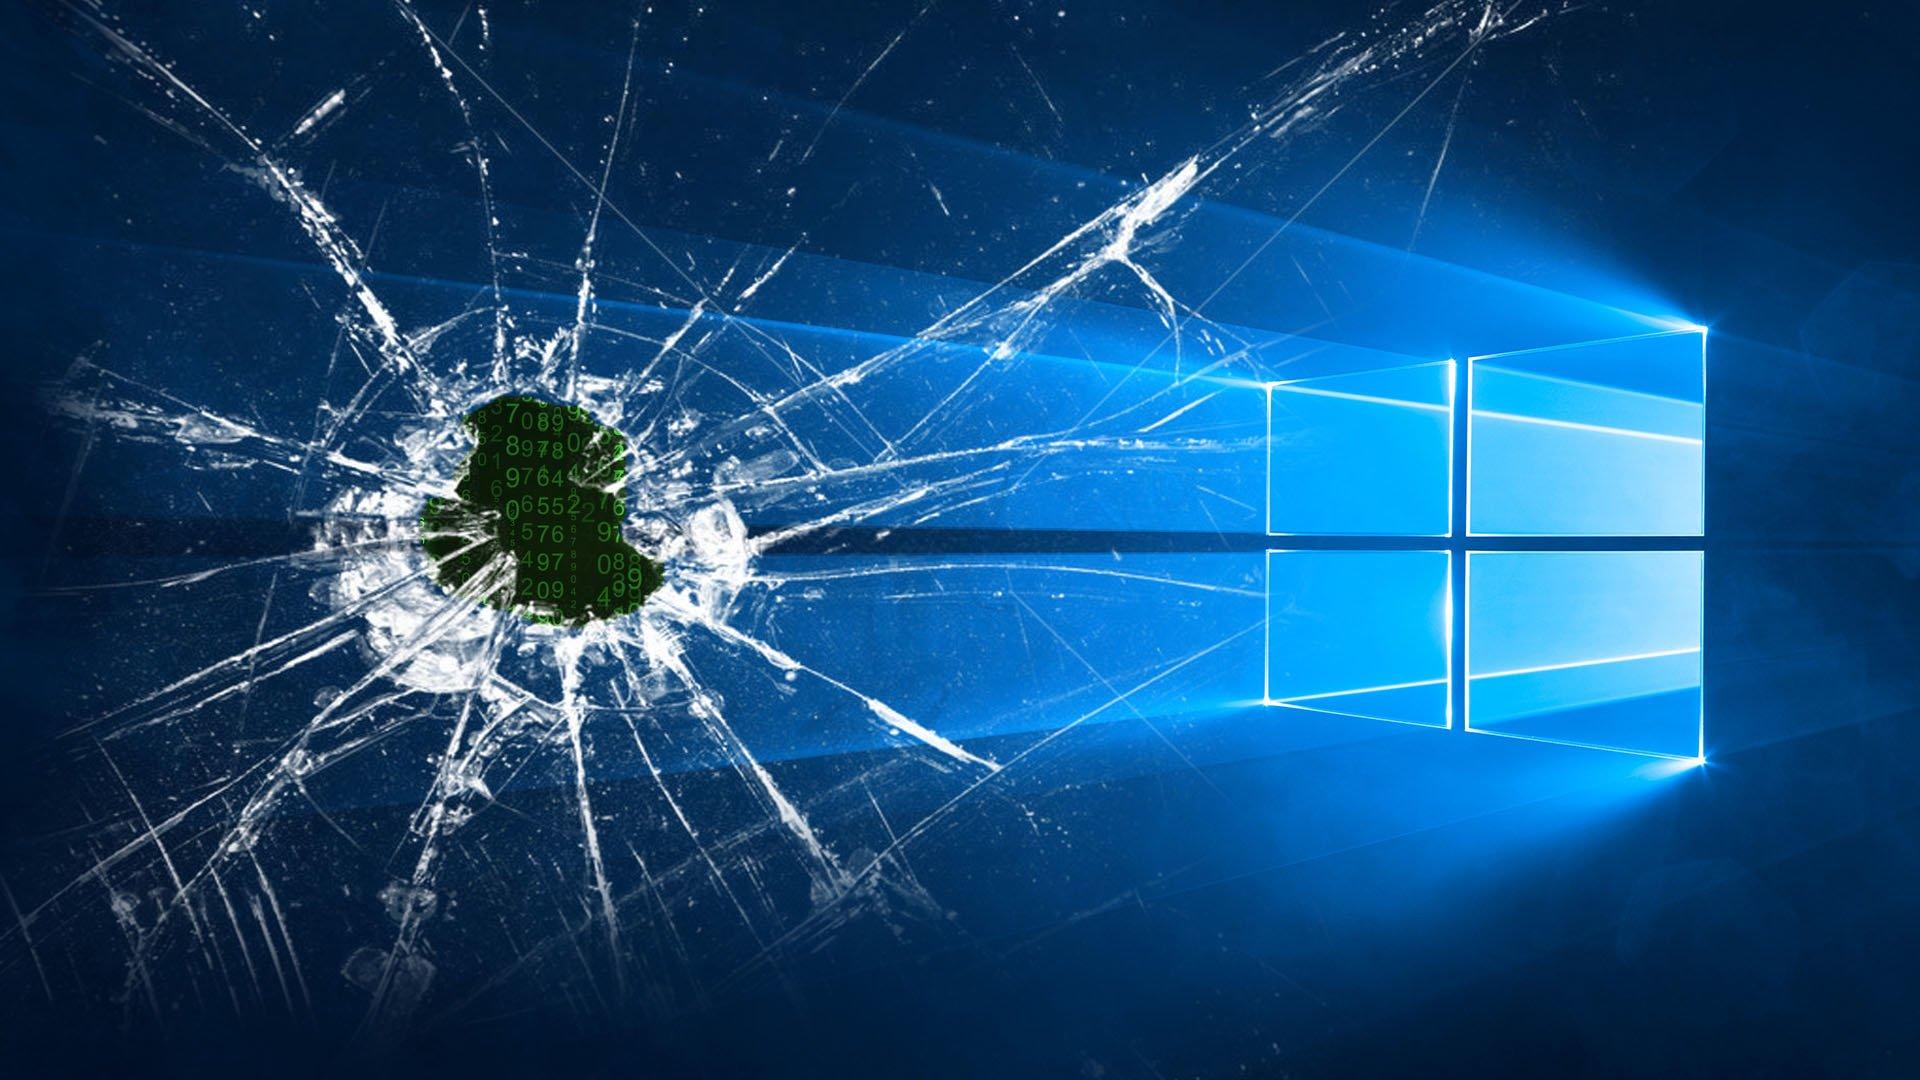 Мнение: Windows 10 надоела пользователям